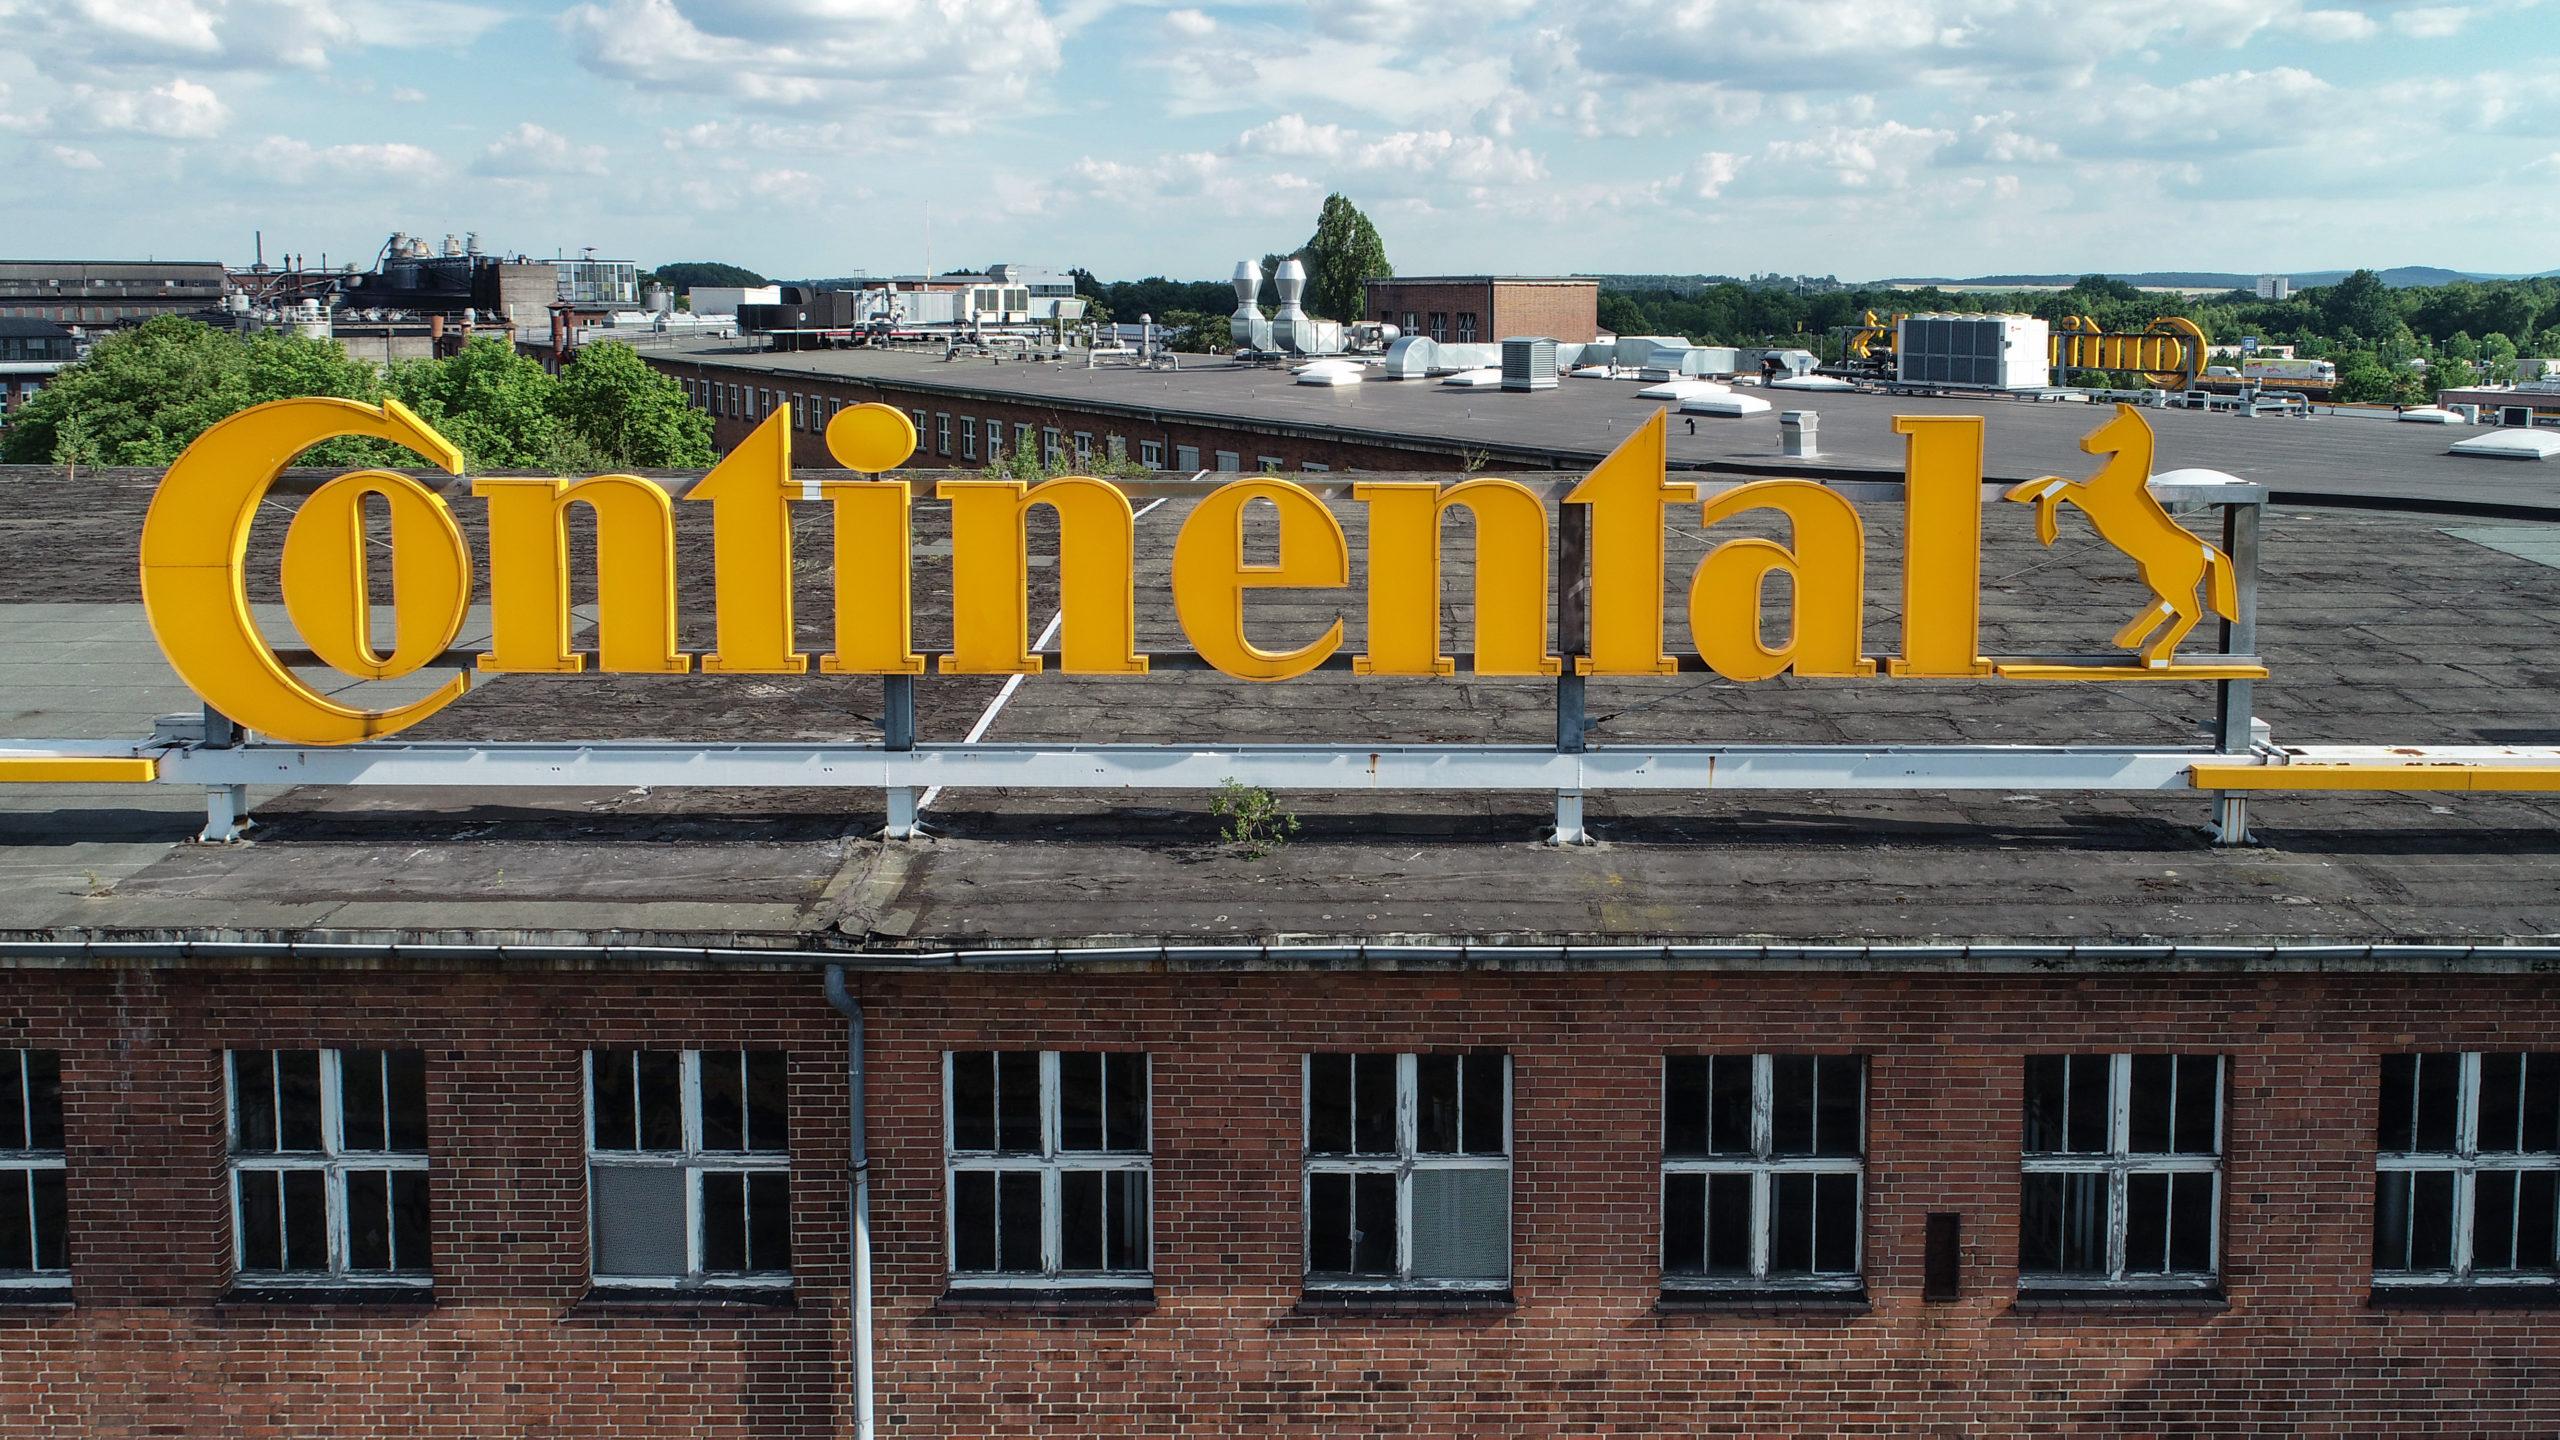 Continental invertirá 72.2 mdd para ampliar su planta de San Luis Potosí